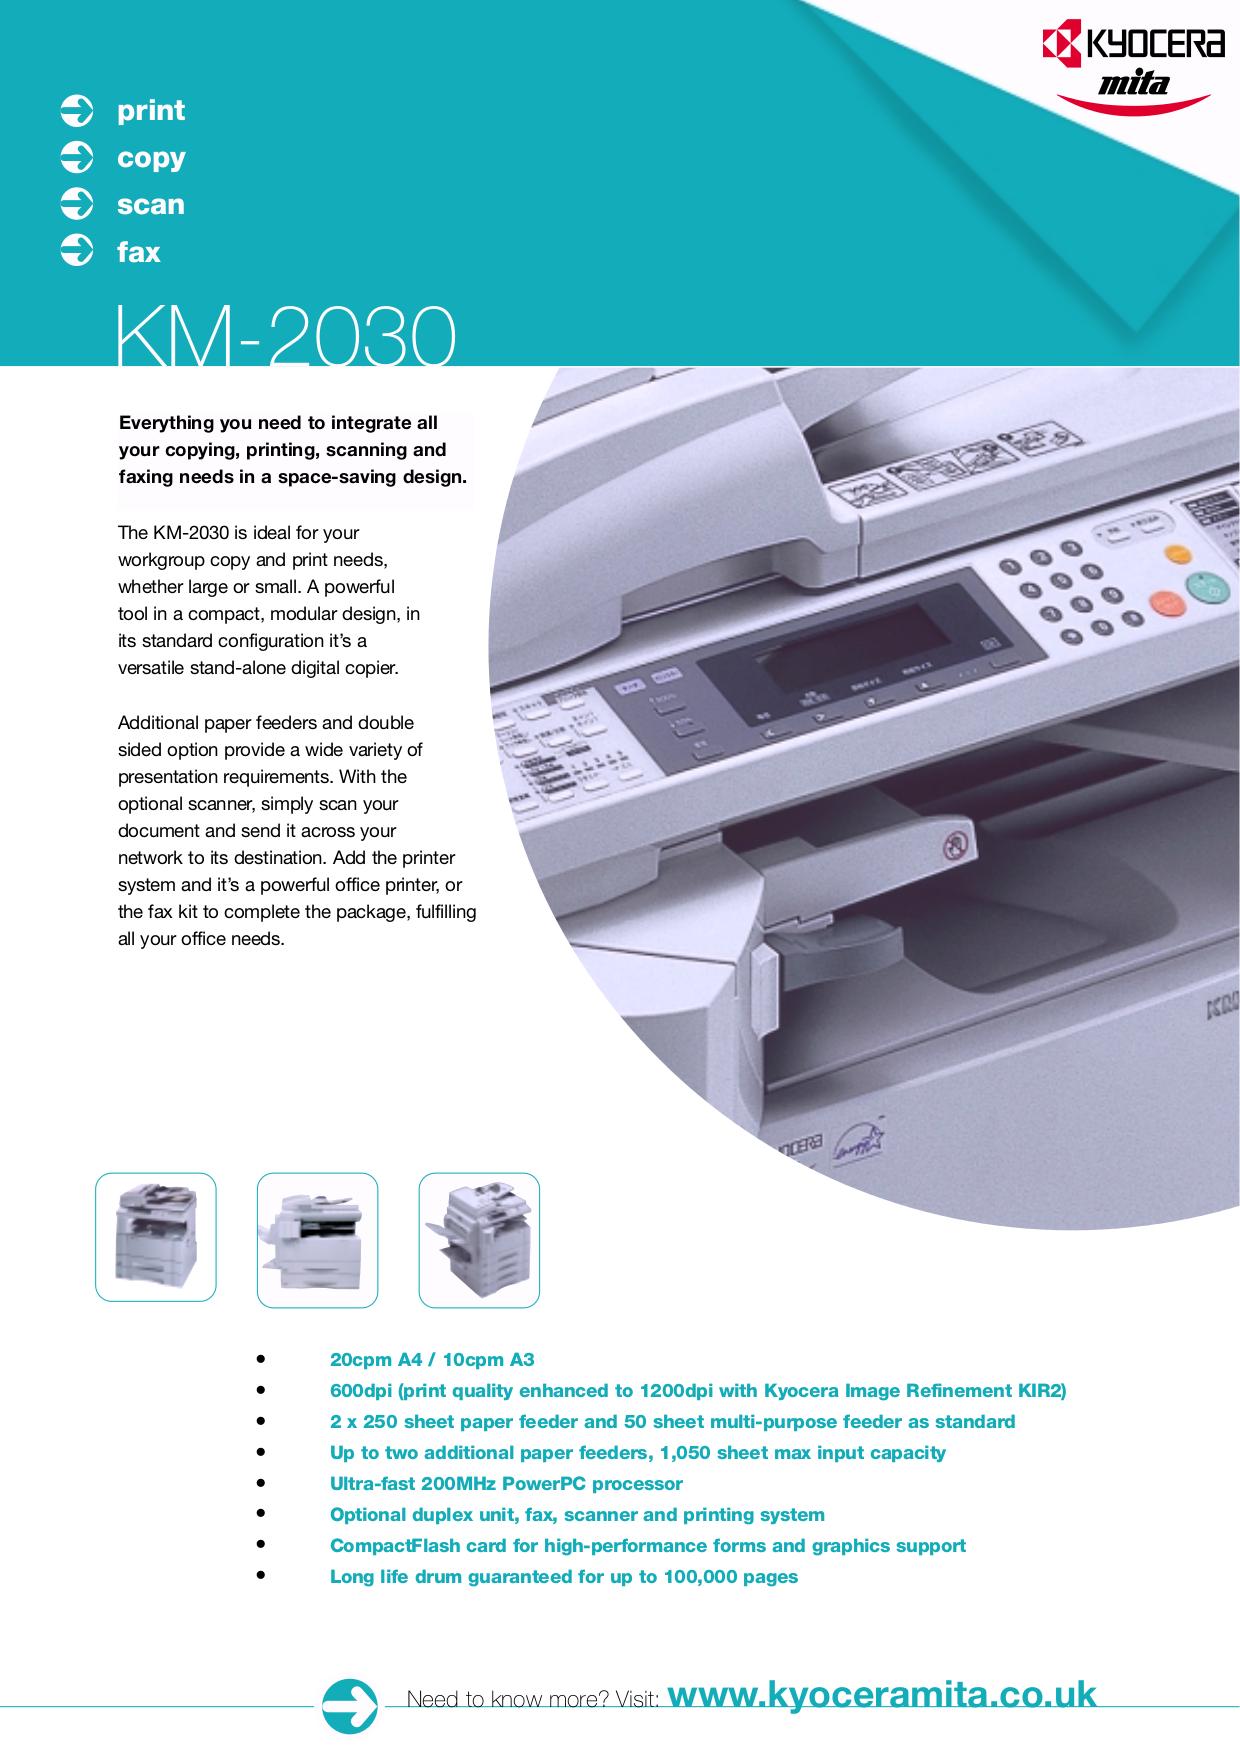 Download free pdf for Kyocera KM-C2030 Printer manual